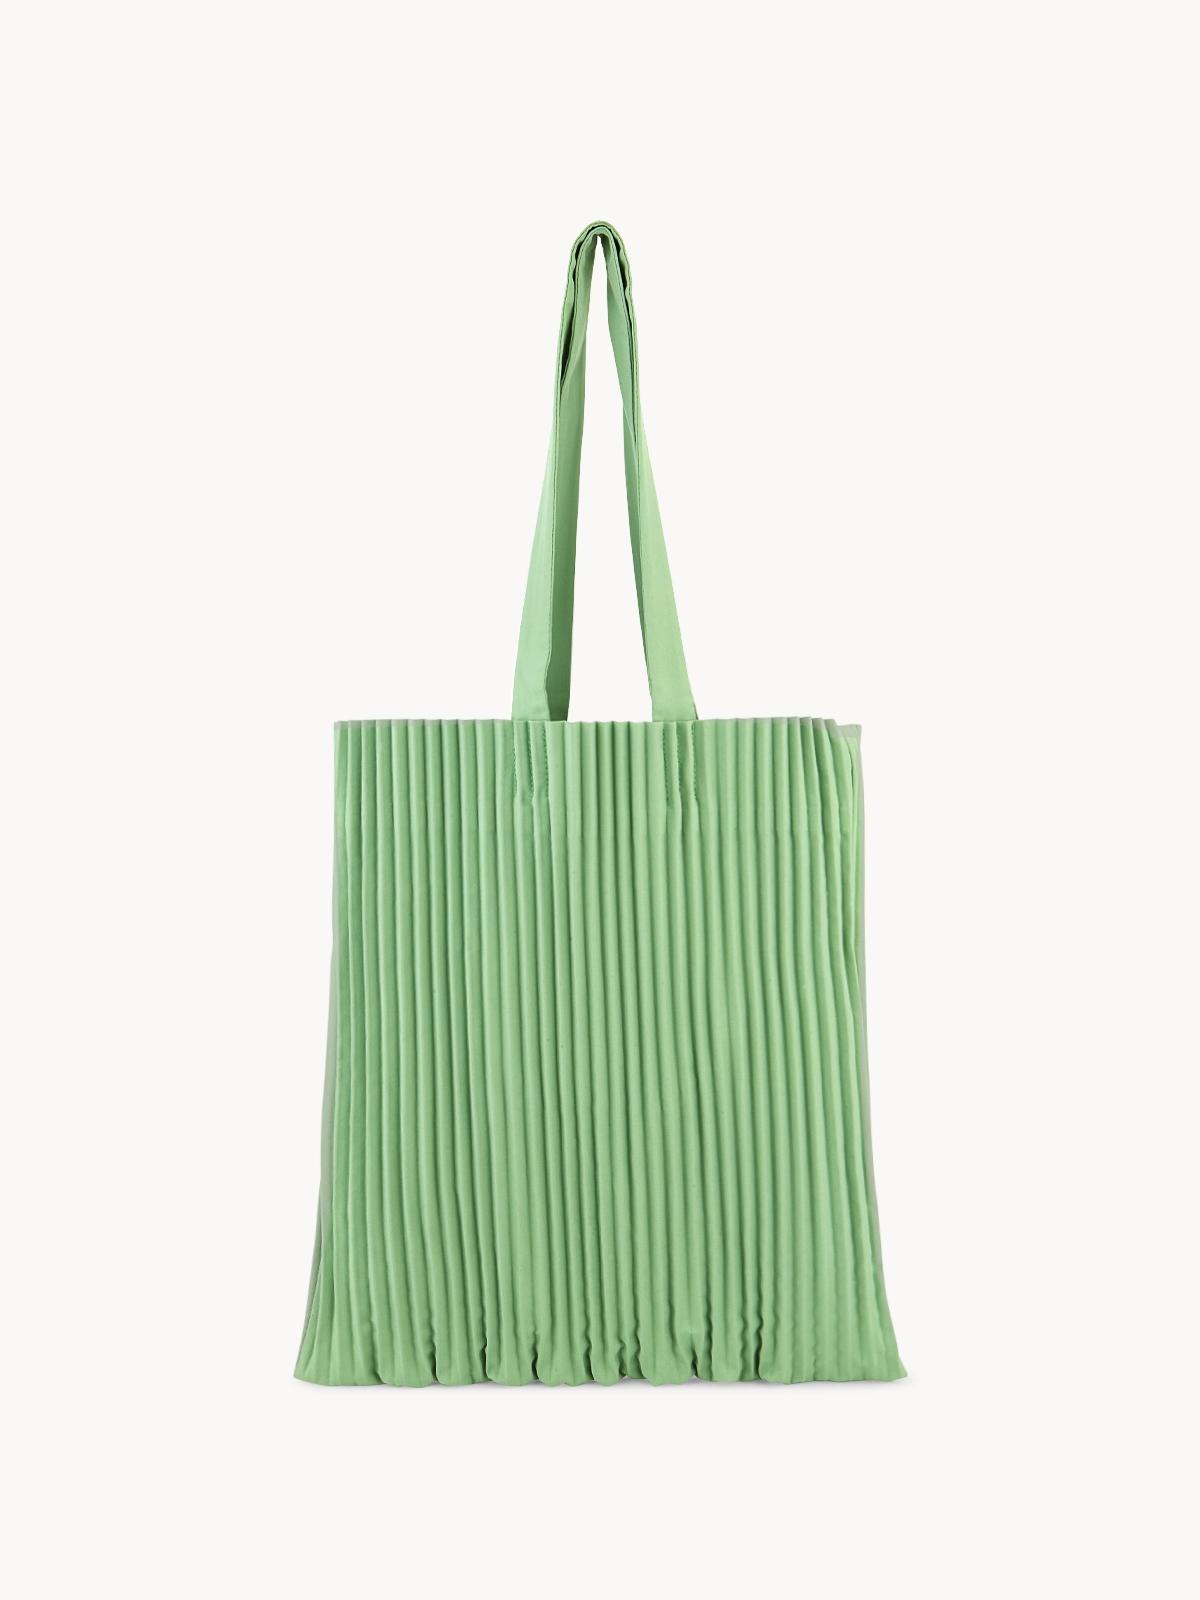 Apalepetal Pleated Tote Bag Olive